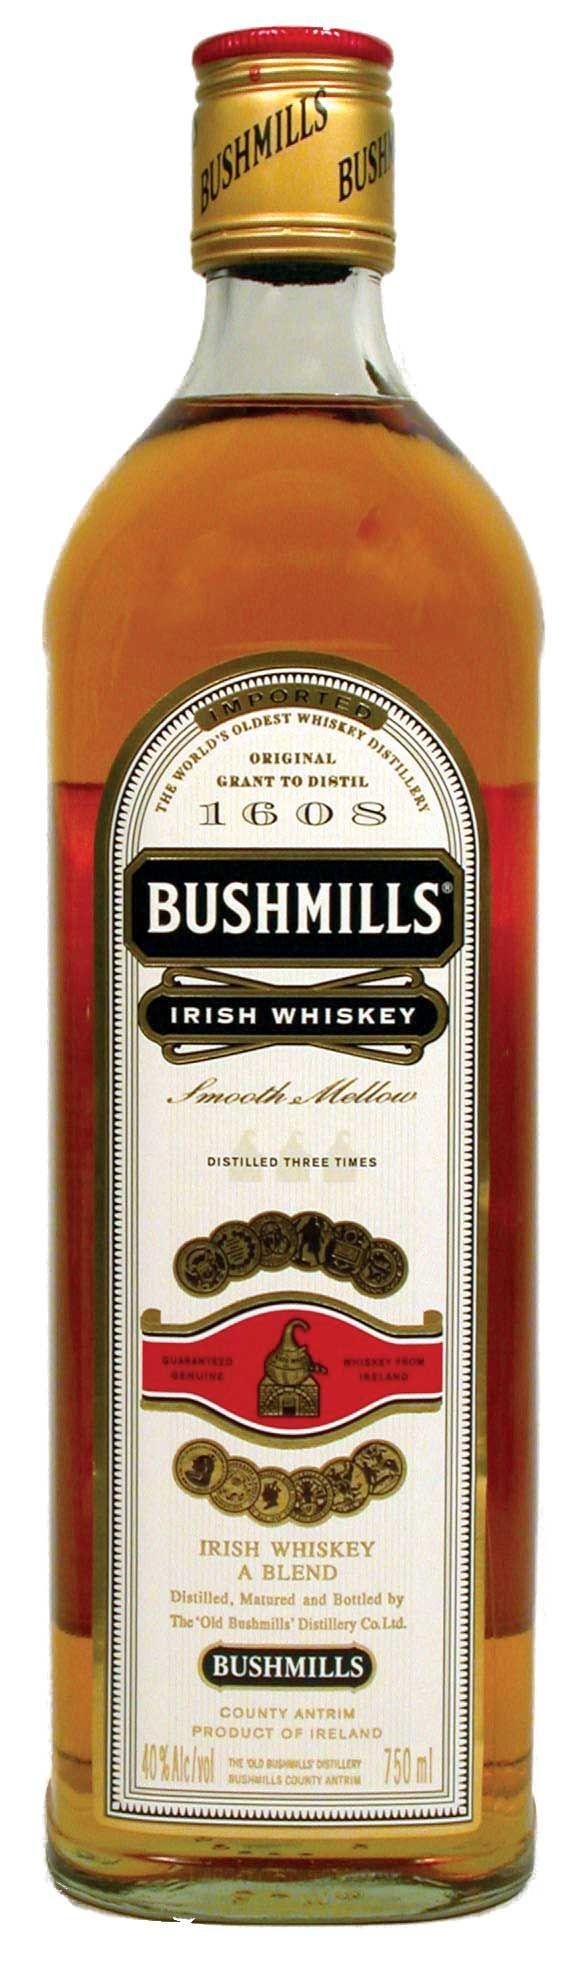 Bushmills - Blended irlandese, notevoli i cambiamenti rispetto agli scotch whisky, consiglio di informarsi se interessa perché cambiano molte cose, dal processo di distillazione, ai cereali usati ecc (provato, niente male ma reputo gli scotch whisky su un altro piano per i miei gusti, vale la pena menzionarli comunque)